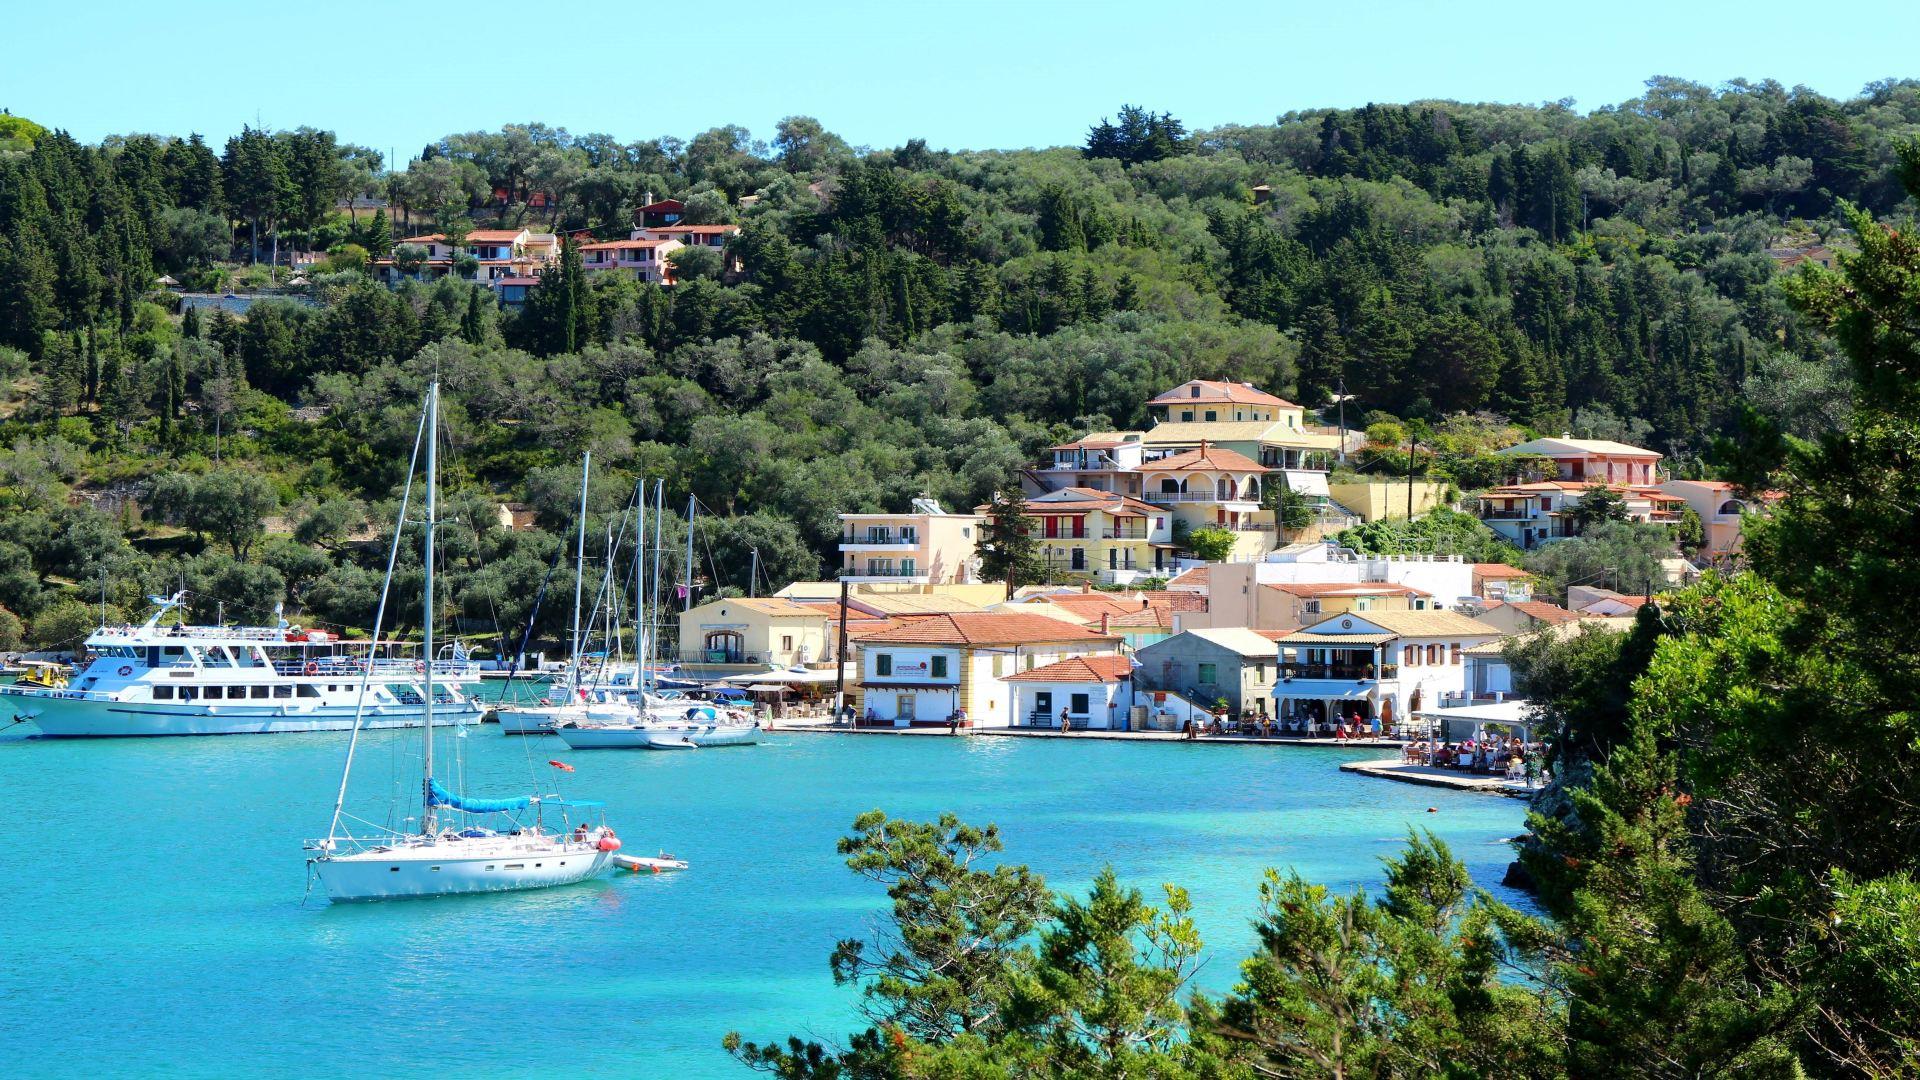 Lakka, Paxos, Griekenland, blauw water met bootjes, huisjes en groene bomen op heuvel